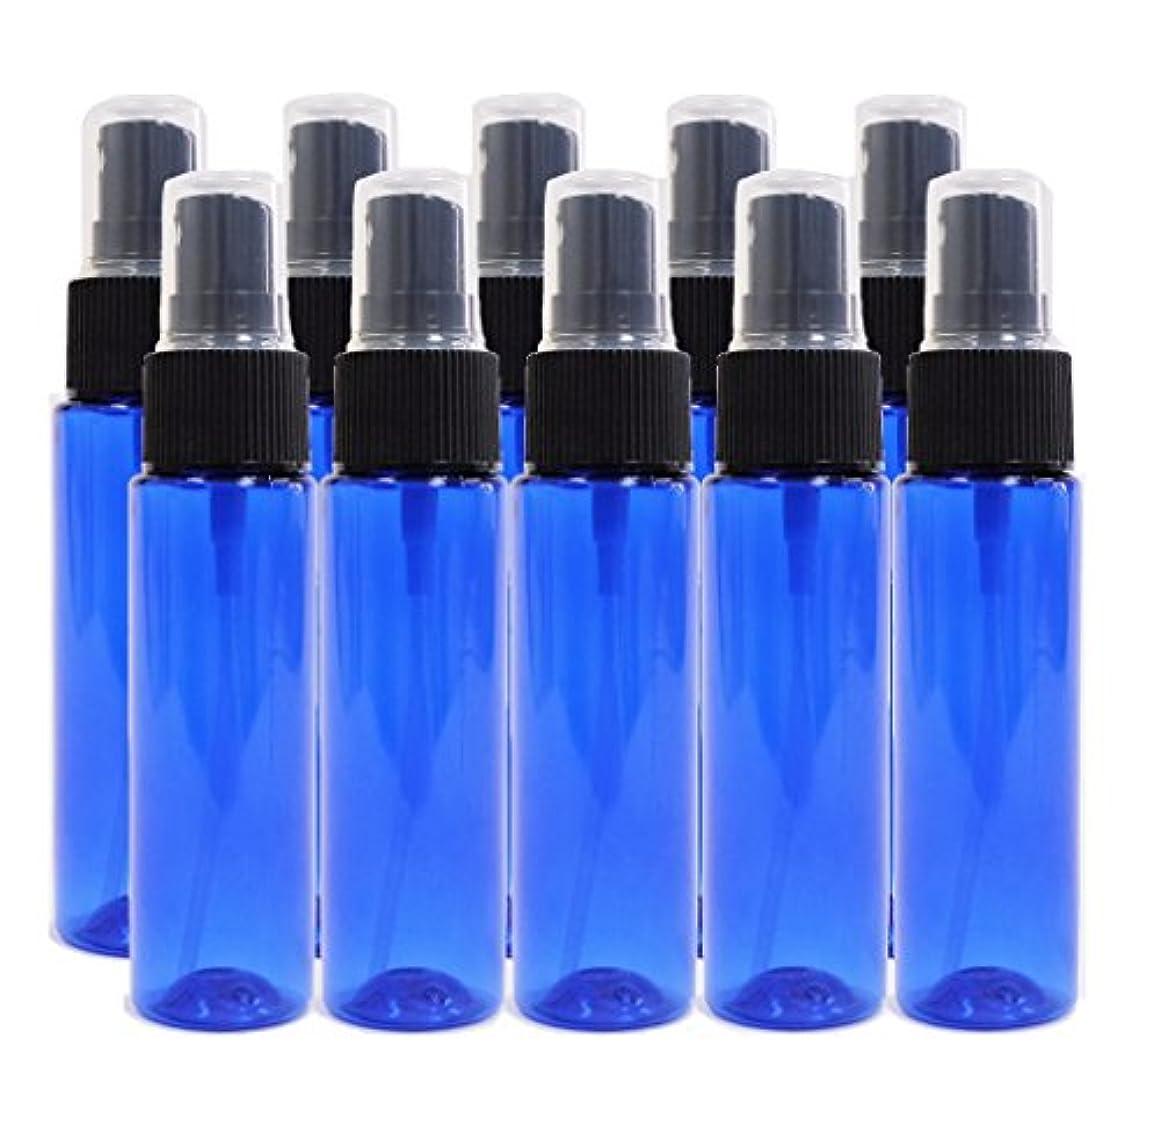 確かにわずかな医療過誤ease 保存容器 スプレータイプ プラスチック 青色 30ml×10本